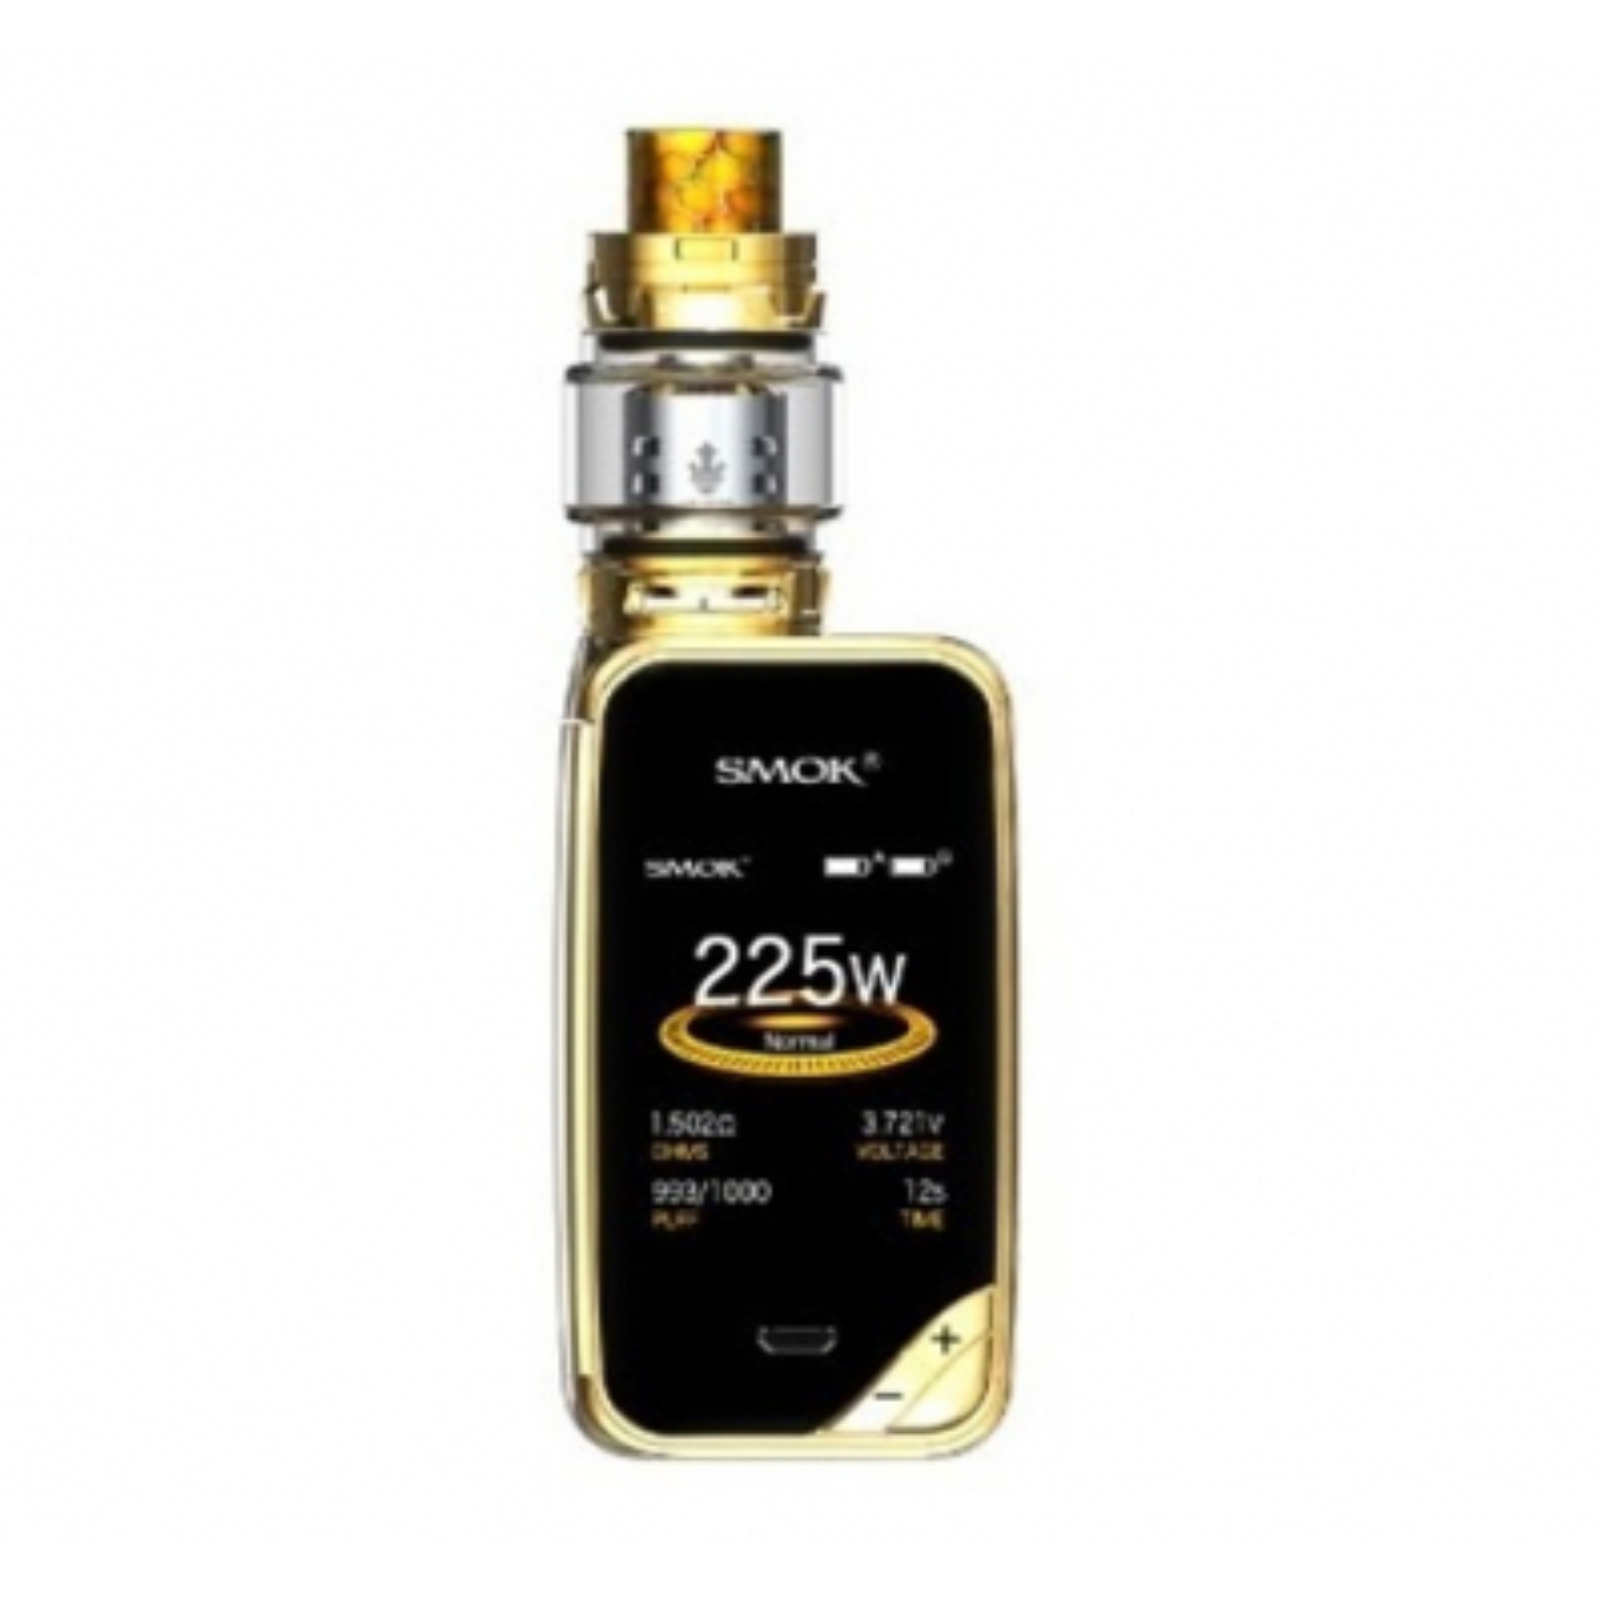 Kit X-Priv Smok Box Mod 225W TFV12 Prince Pack